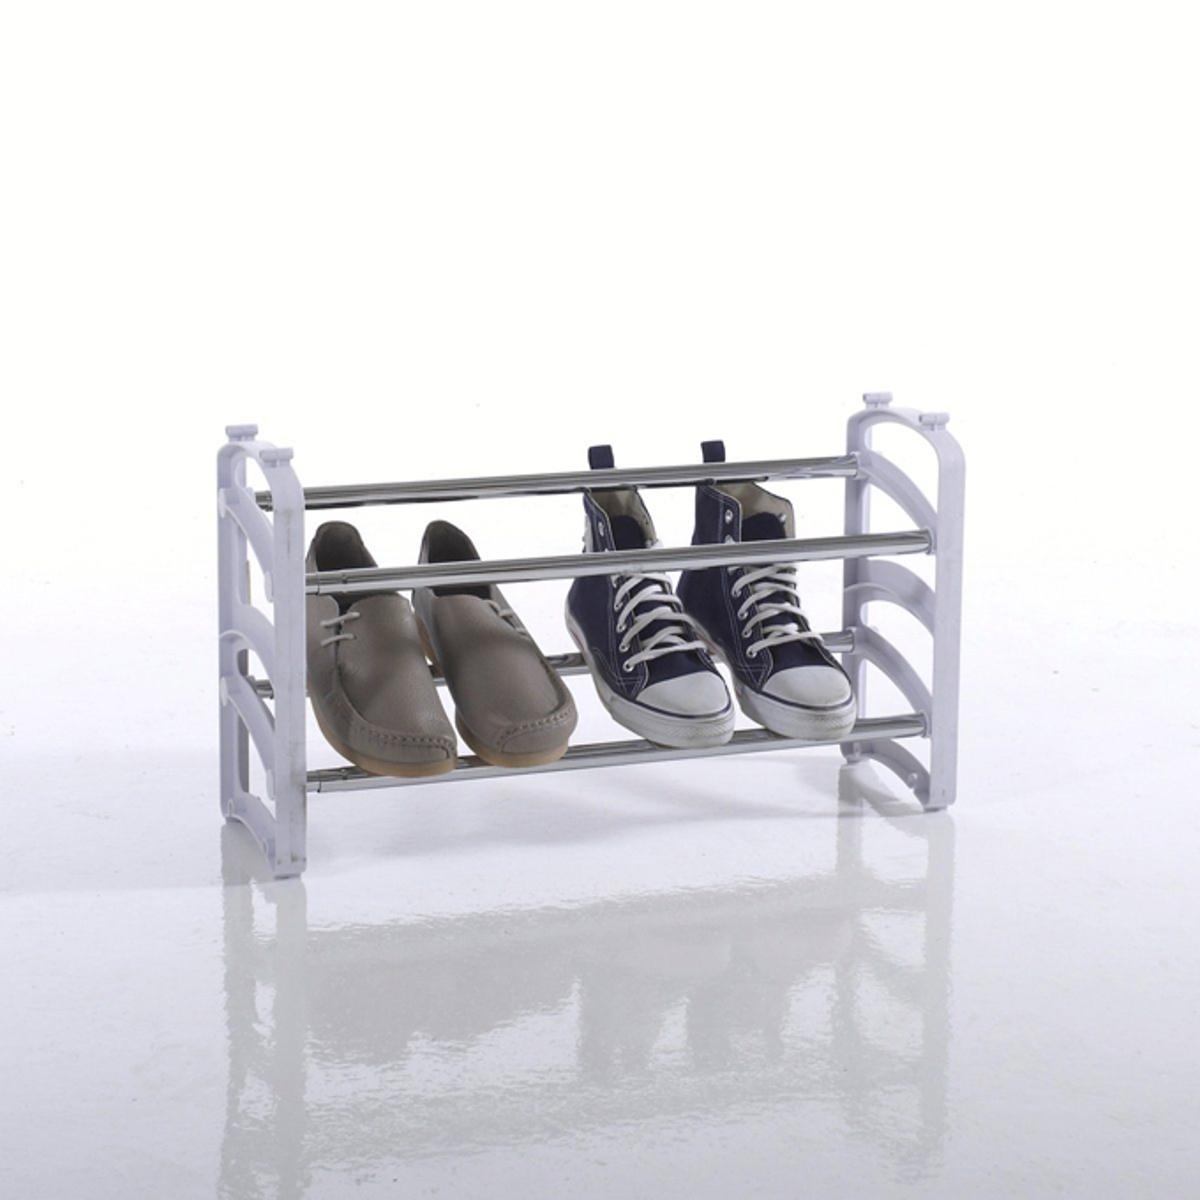 Полка для обуви раздвижная AMPILEХарактеристики полки для обуви AMPILE :Металлические рейки, детали из белого пластика.Описание полки для обуви AMPILE :- Раздвижная по длине. Есть возможность ставить полки друг на друга.- Позволяет хранить до 12 пар обуви.Готова к сборке в соответствии с прилагающейся инструкцией.Размеры :- Длина от 58 до 102,5 x В.32 x Г.17,8 см.<br><br>Цвет: белый